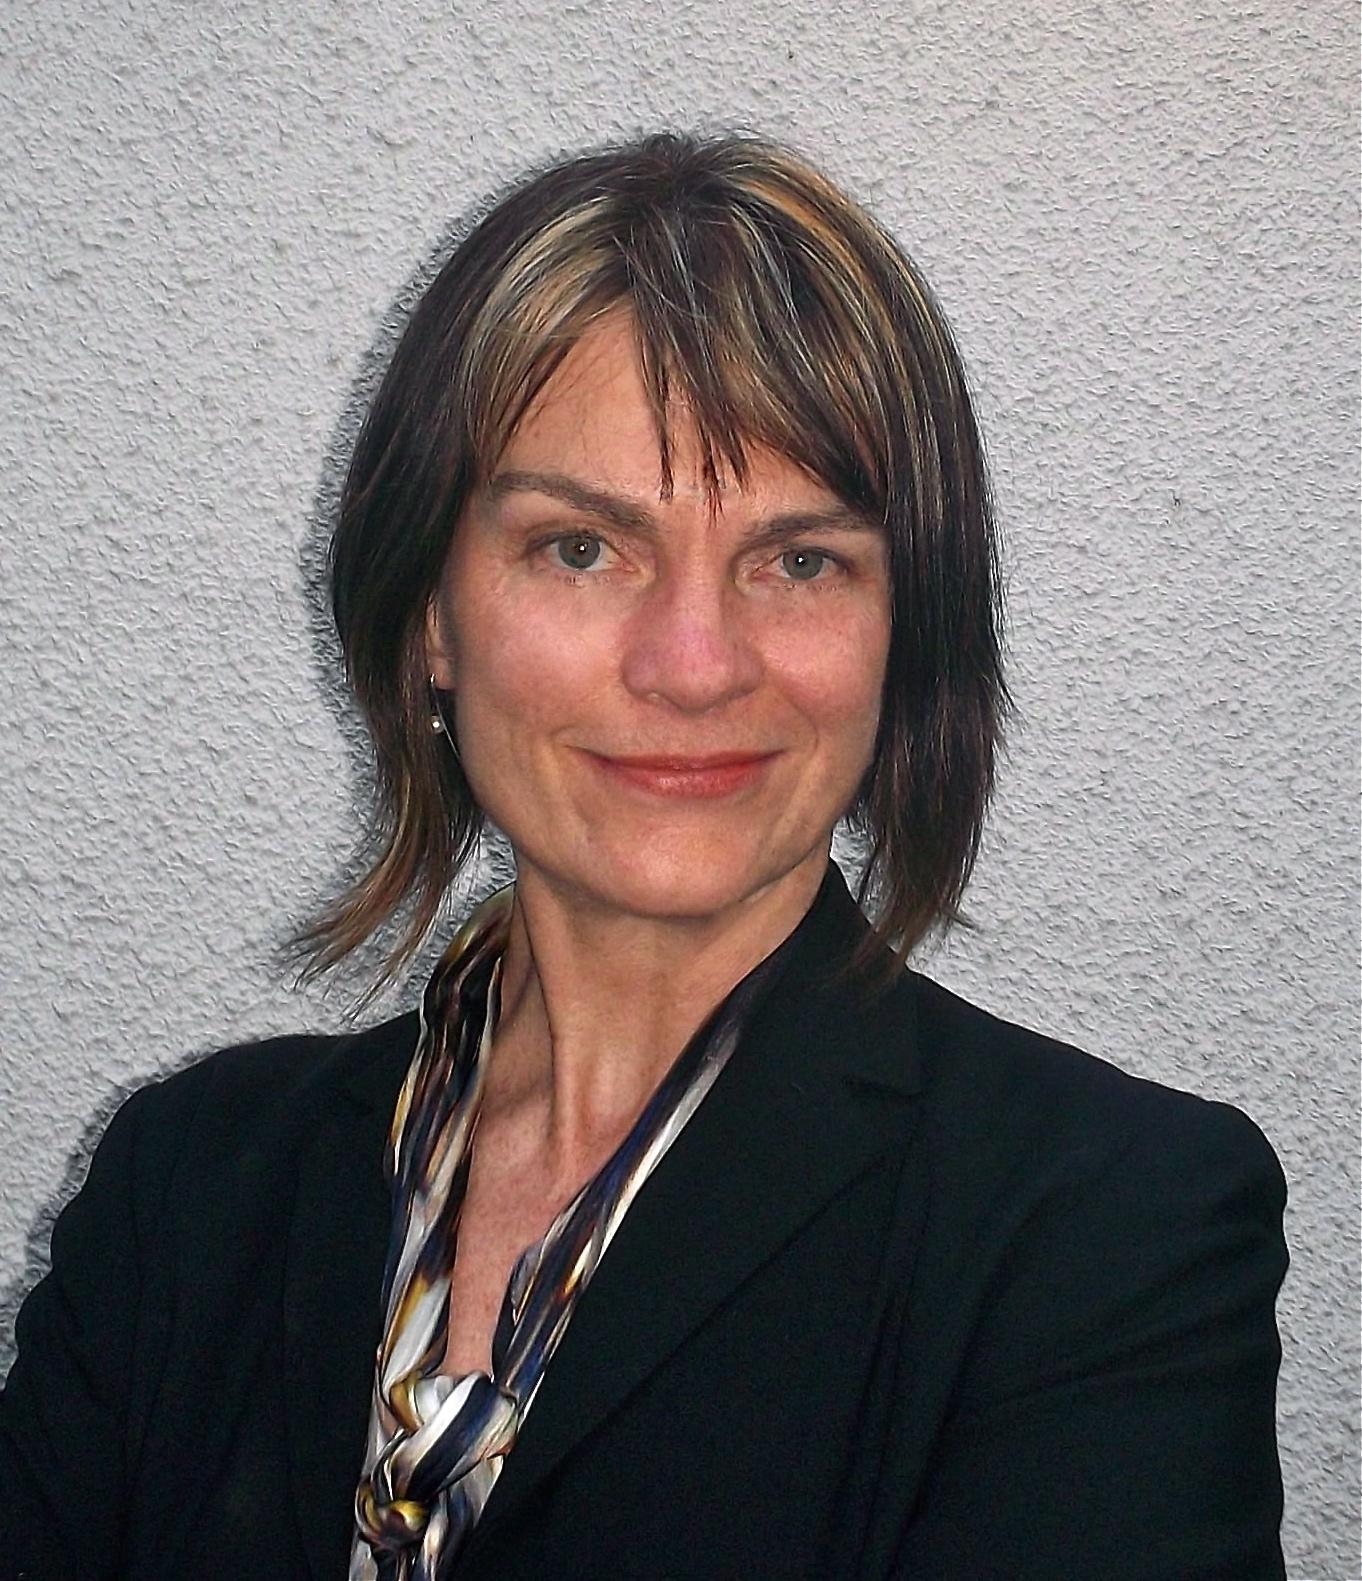 Theresa O